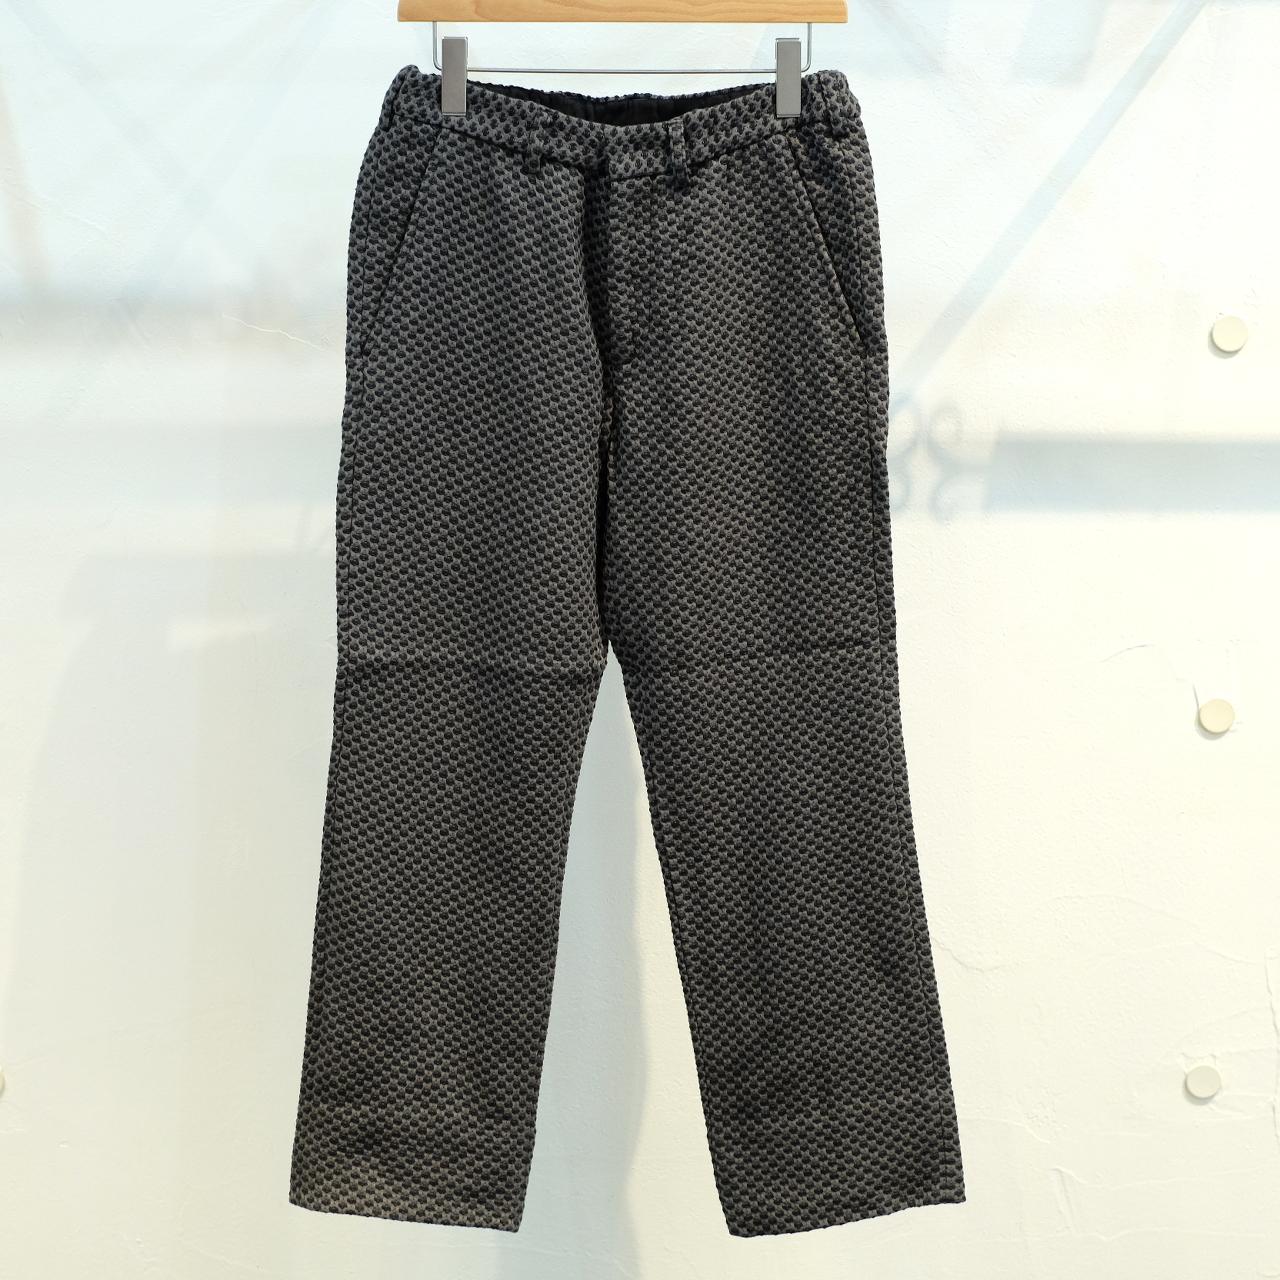 KUON(クオン) 二重十字刺し子織 ロングパンツ 表墨色バージョン